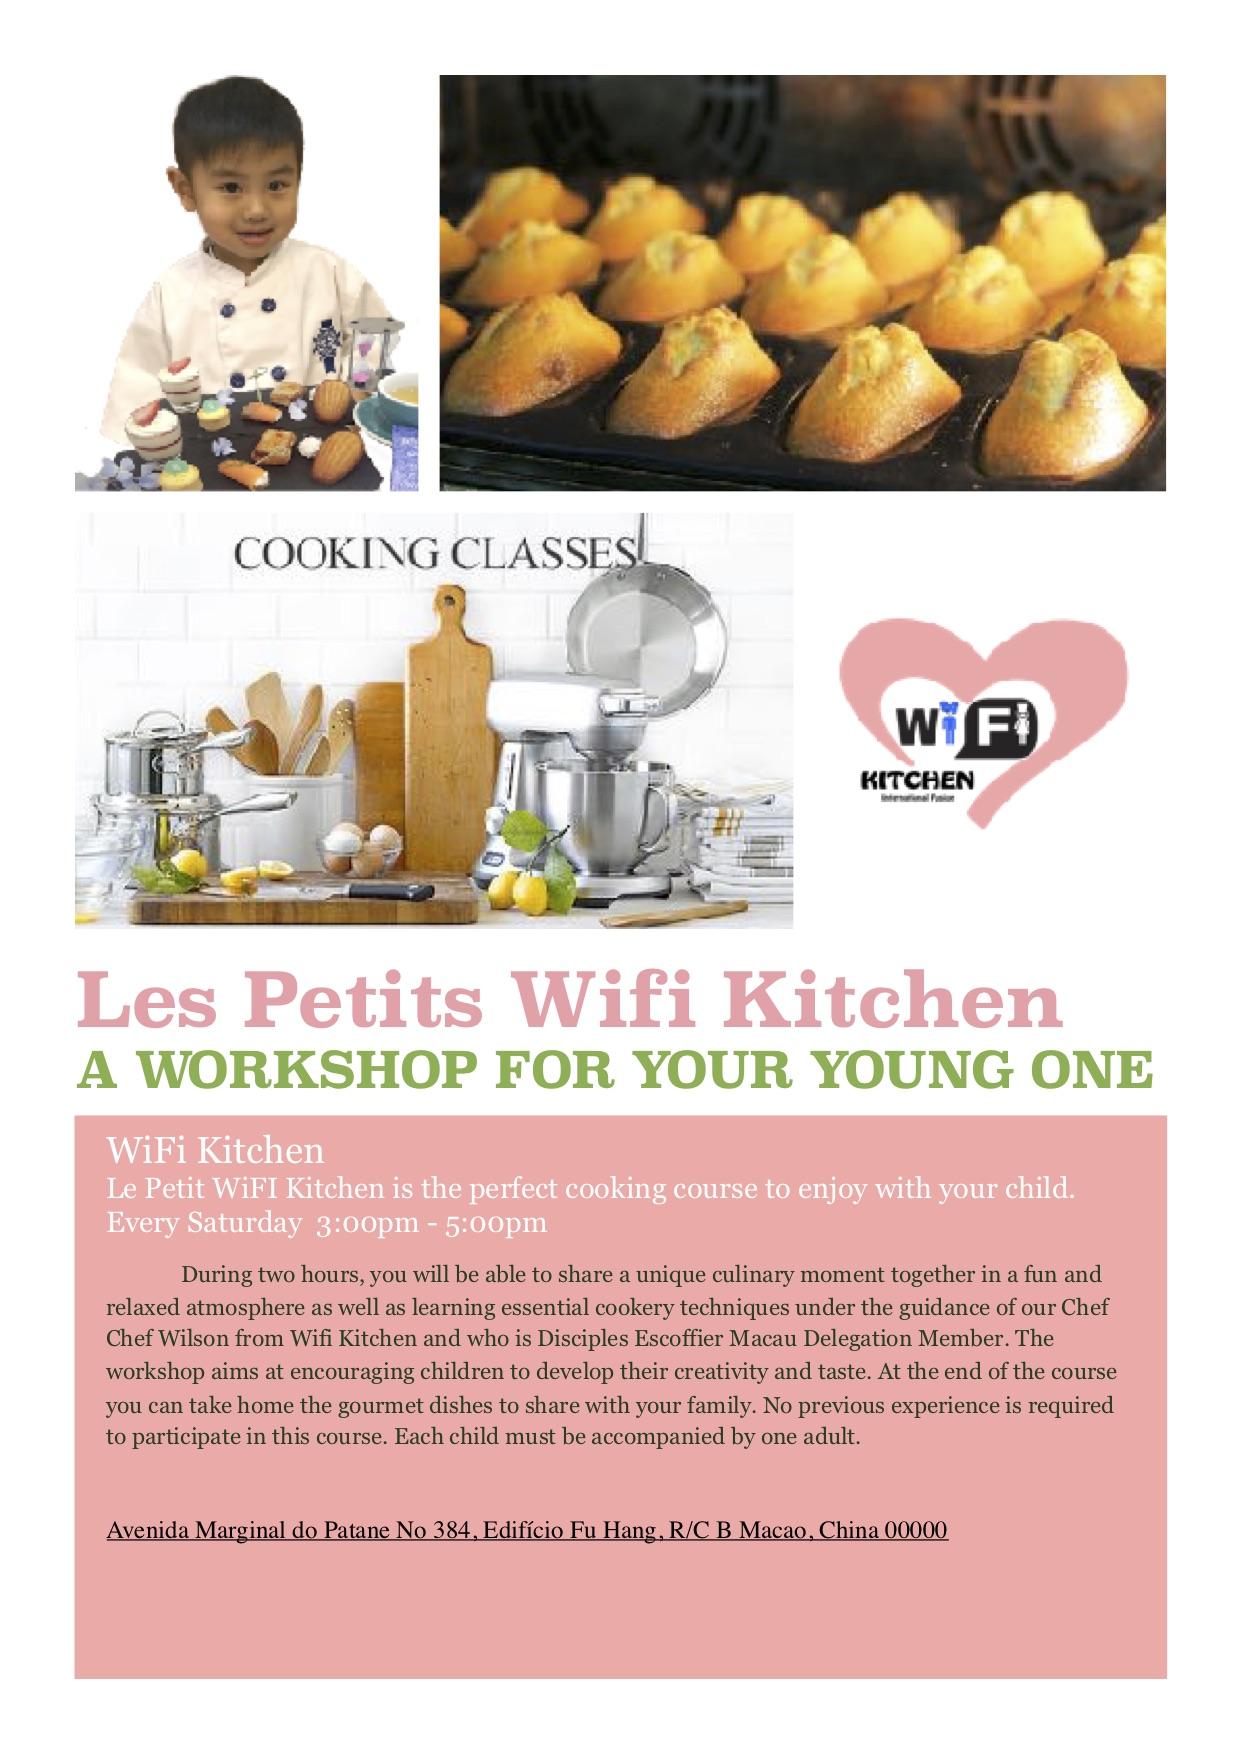 WiFi Kitchen Kid workshop flyer